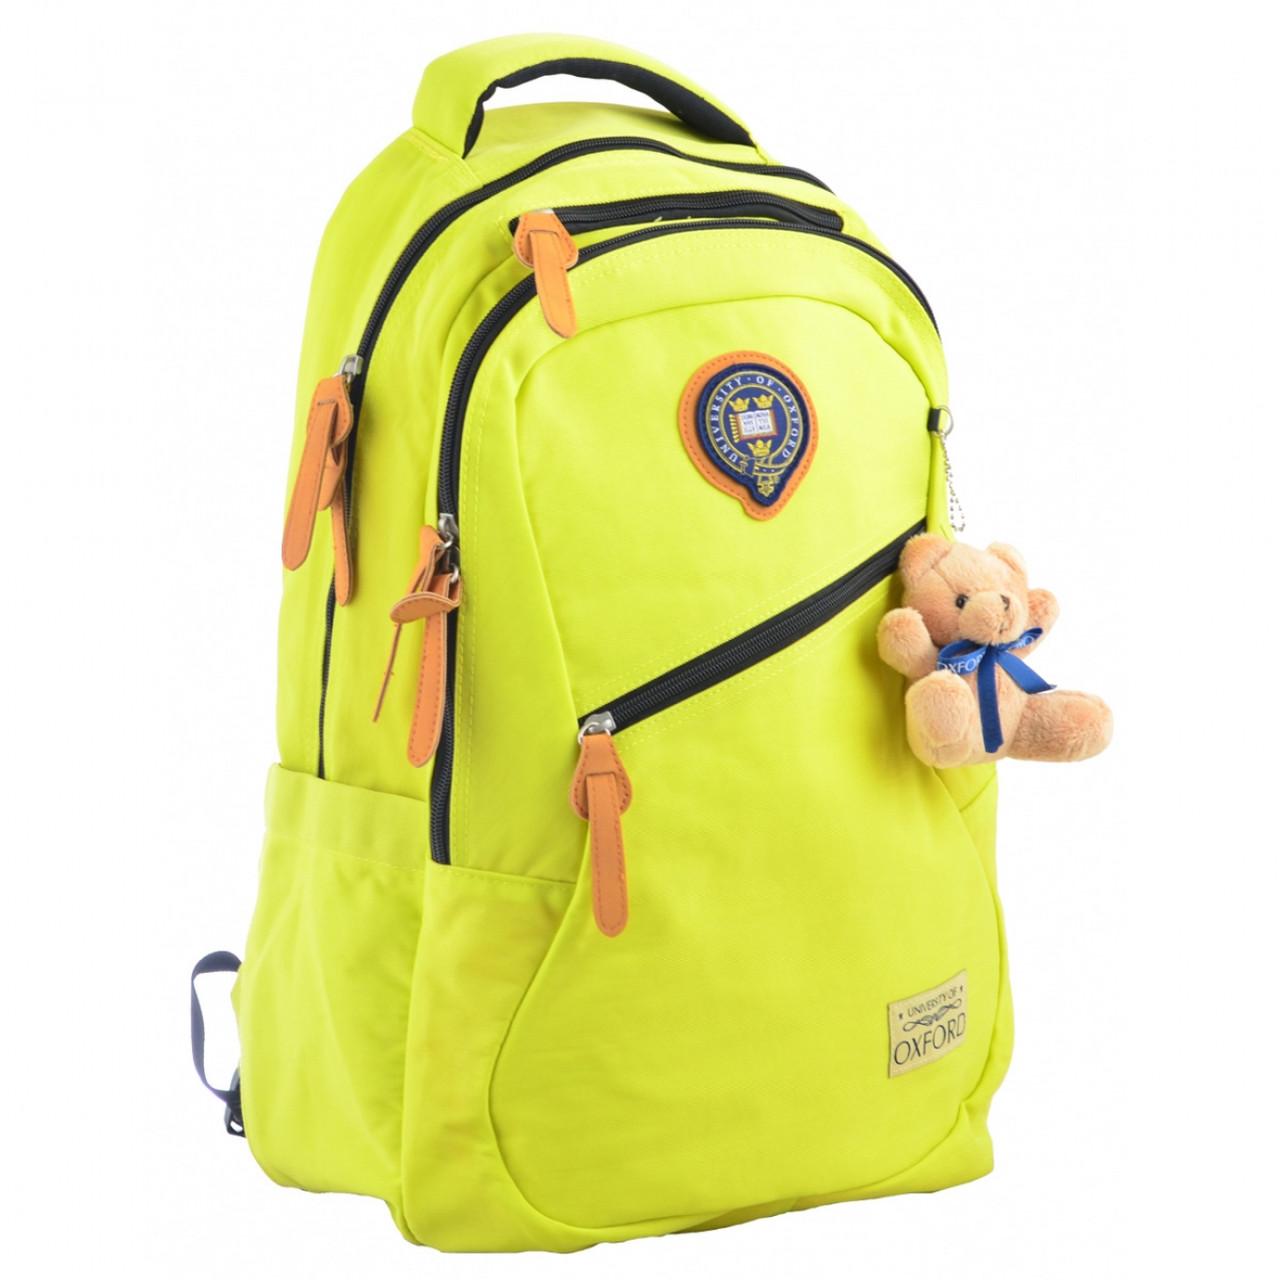 Рюкзак молодіжний YES OX 405, 47*31*12.5, рожевий ,Yes